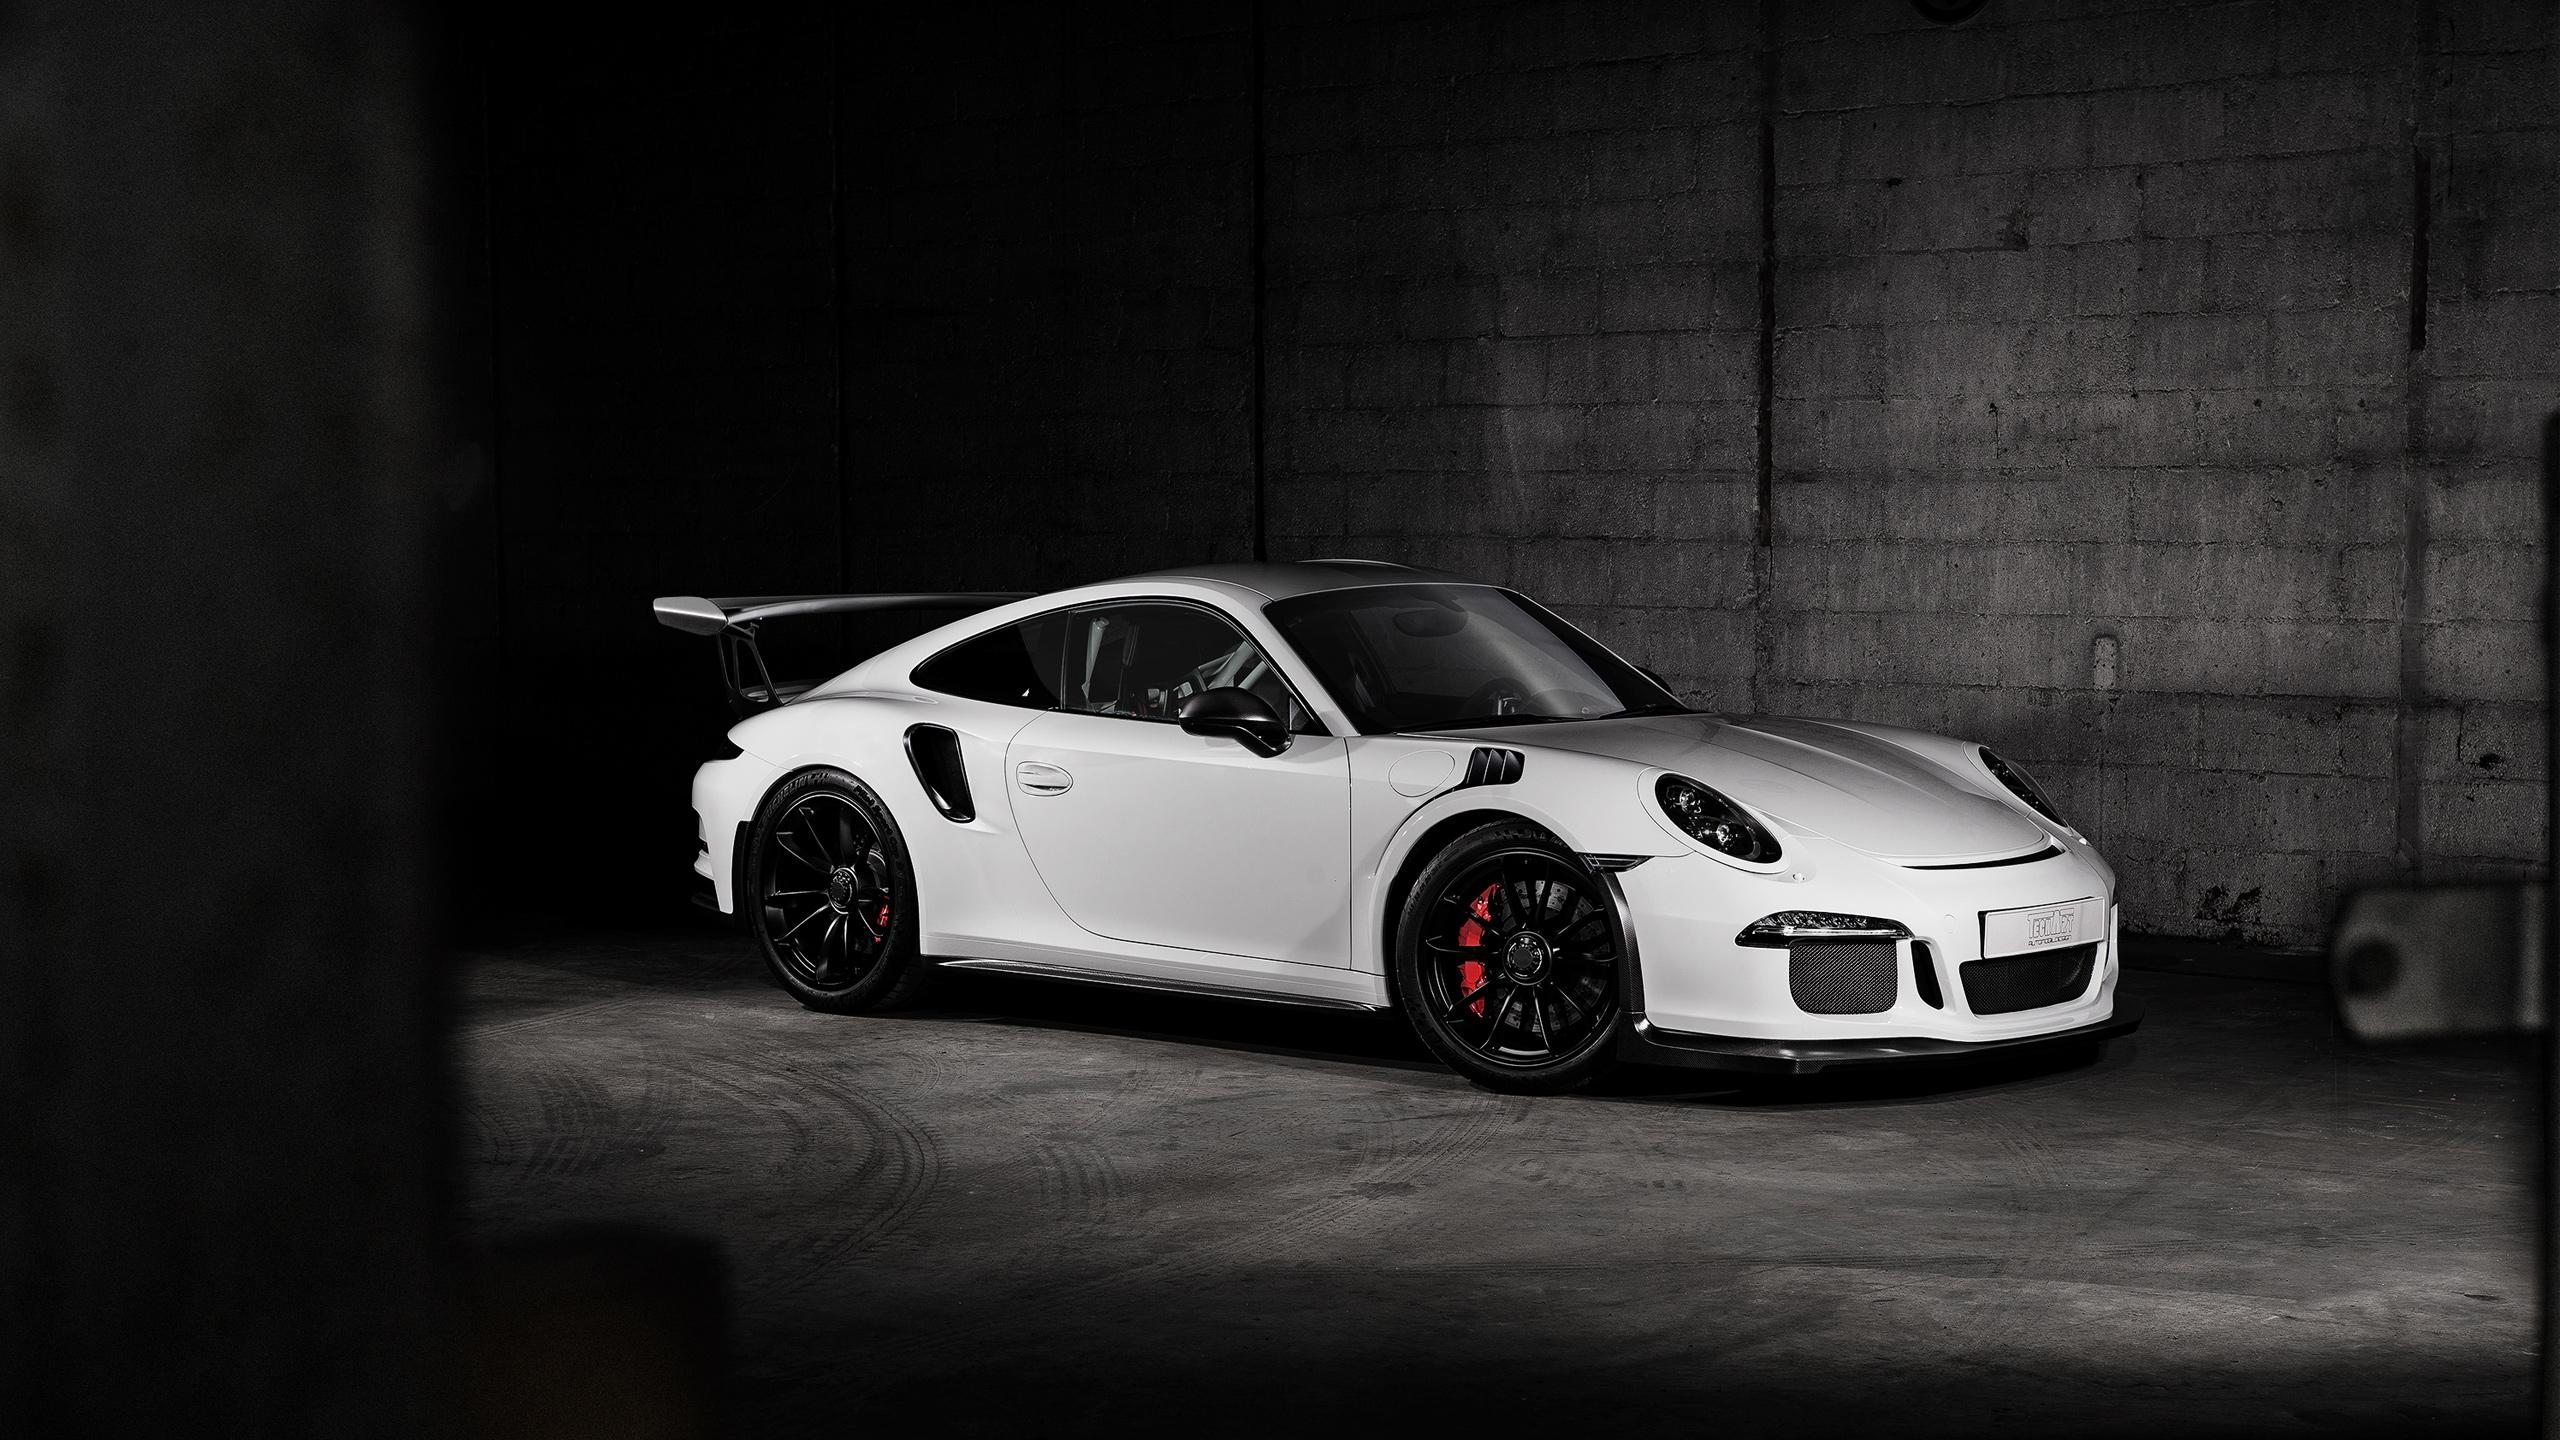 2016 Porsche 911 GT3 RS Carbon TechArt Wallpaper